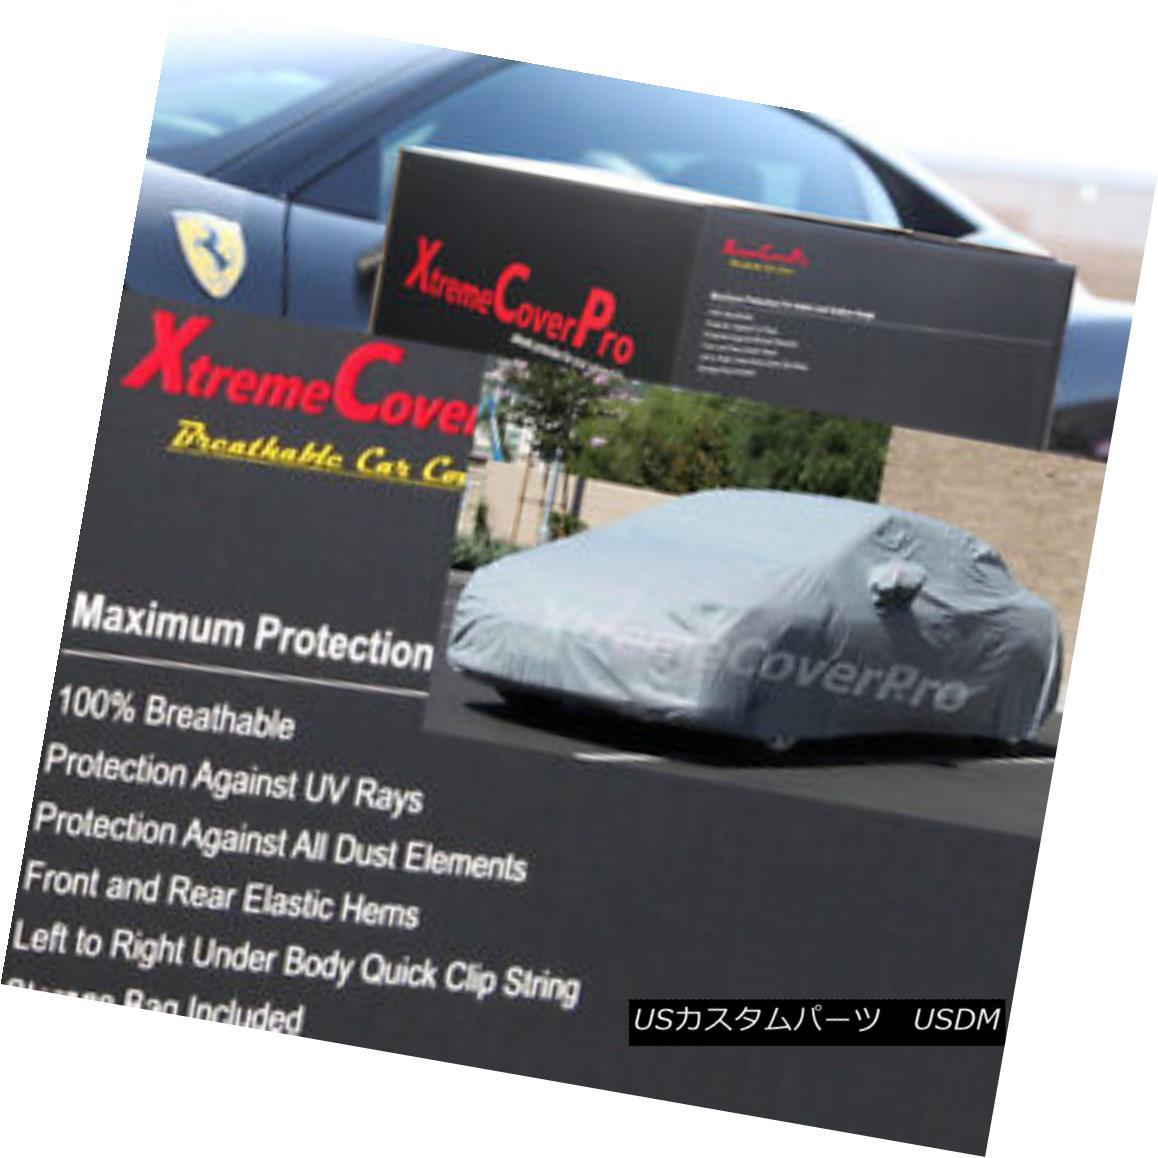 カーカバー 2003 2004 2005 Pontiac Grand Am Breathable Car Cover w/MirrorPocket 2003年2004年2005年ポンティアック・グランド・アム通気性車カバー付き(MirrorPocket)